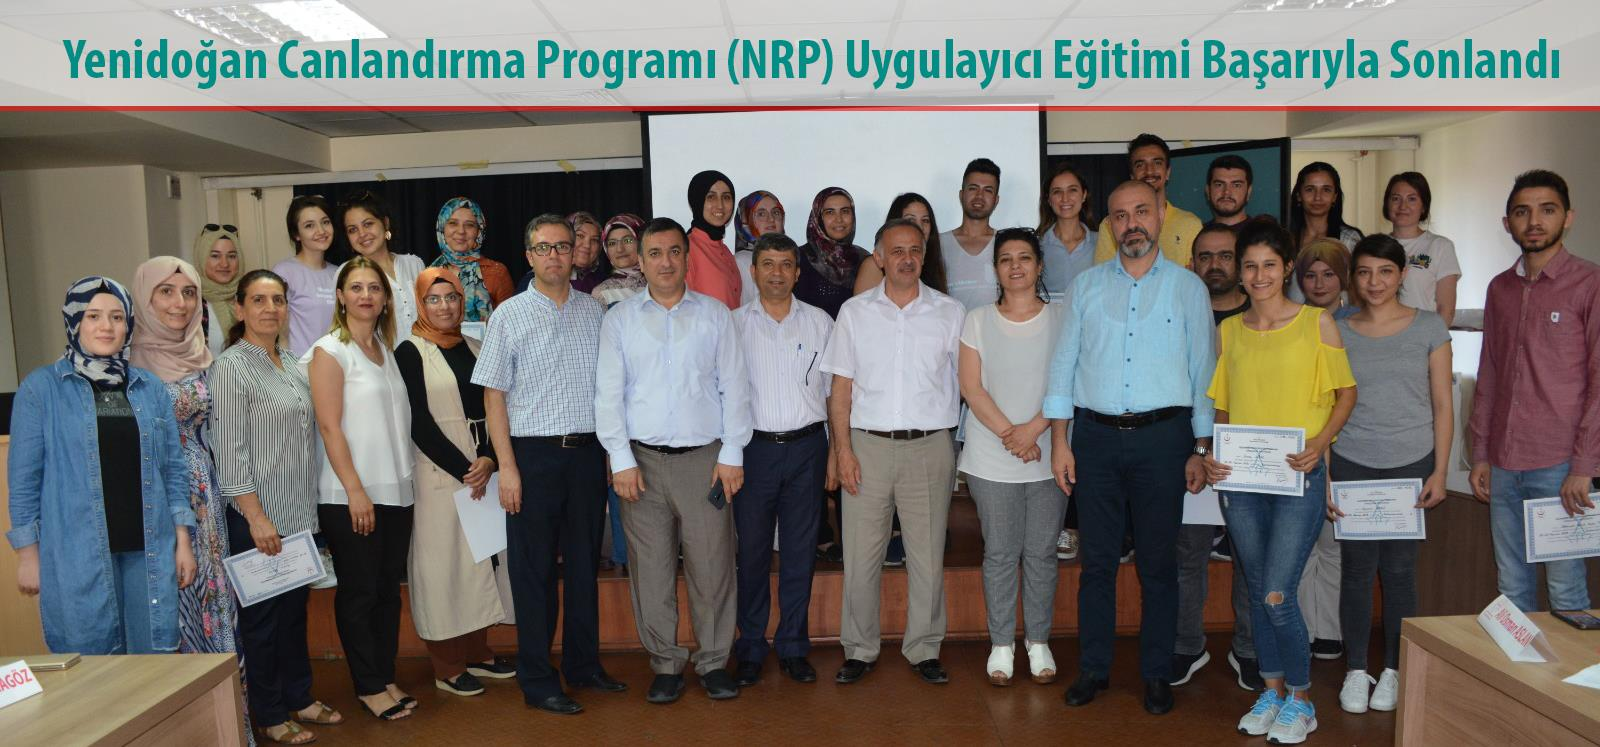 Yenidoğan Canlandırma Programı (NRP) Uygulayıcı Eğitimi Başarıyla Sonlandı